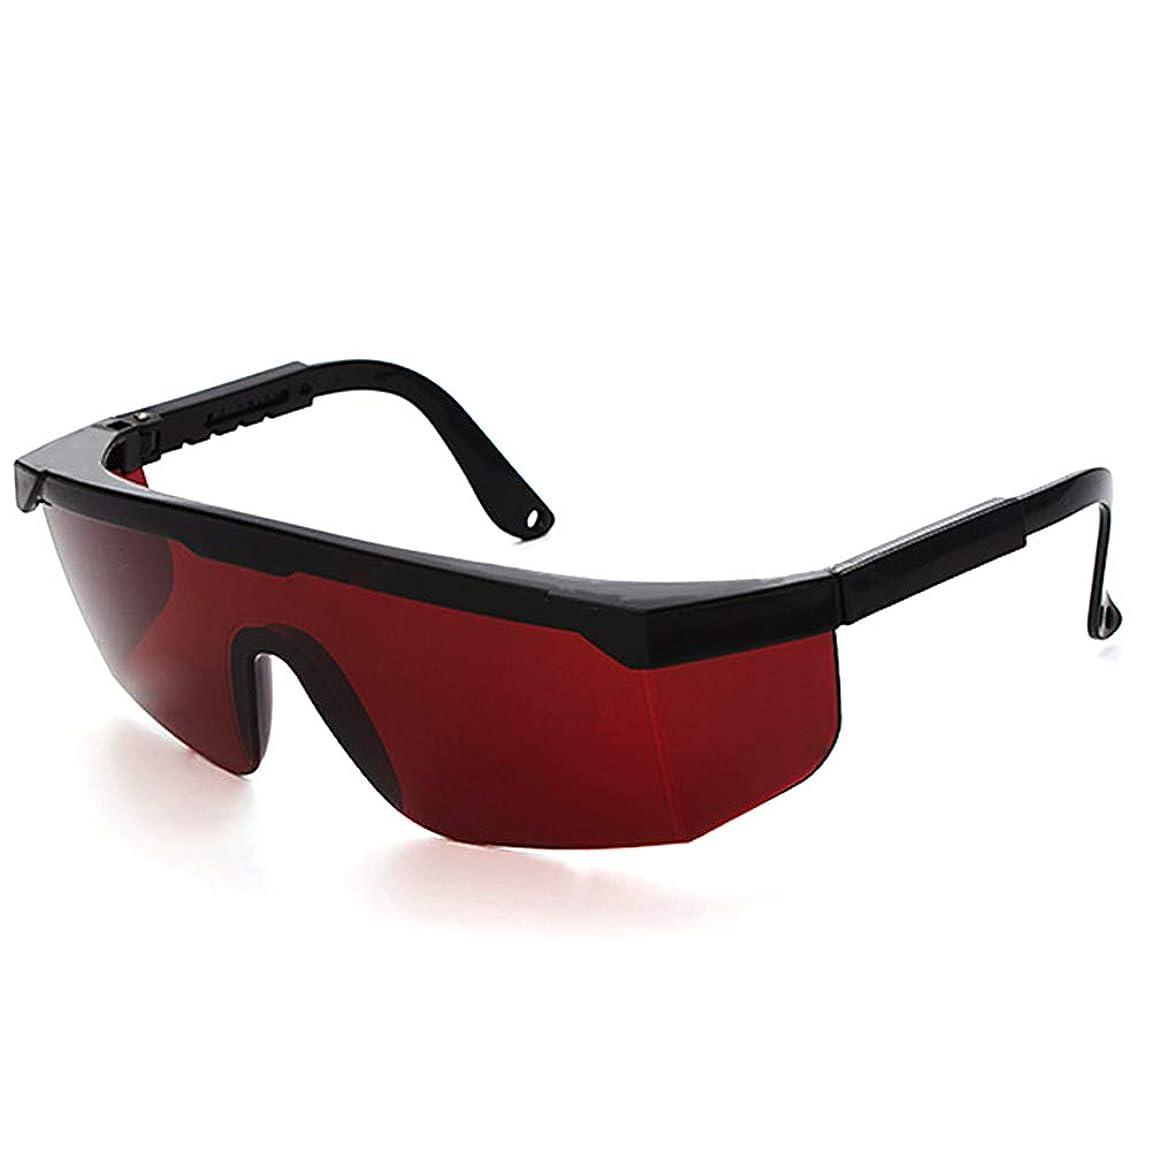 抑圧モザイク終了しましたレーザー保護メガネIPL美容機器メガネ、レーザーメガネ - 2組のパルス光保護メガネ。